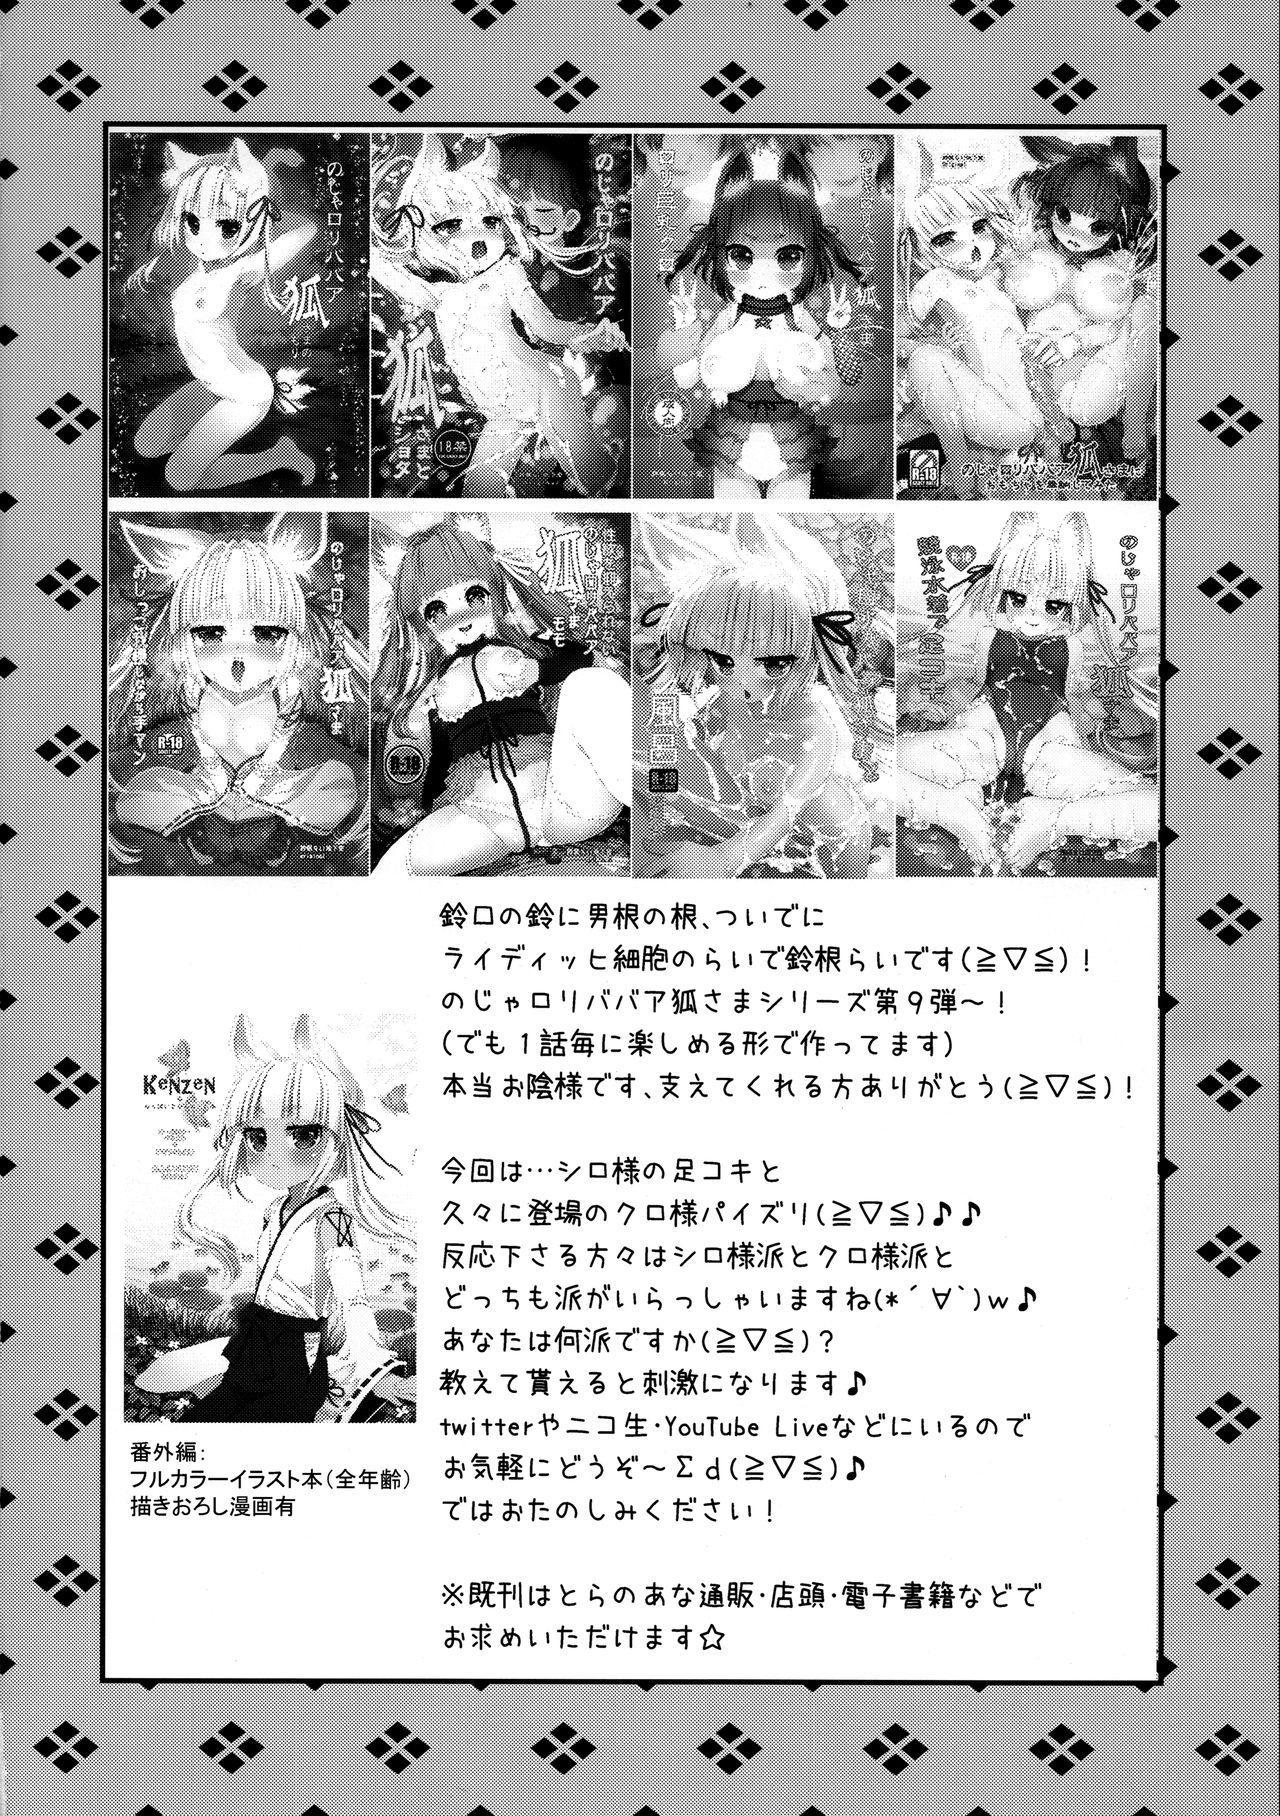 Noja Loli Babaa Kitsune-sama Gakkou ni Sennyu 3